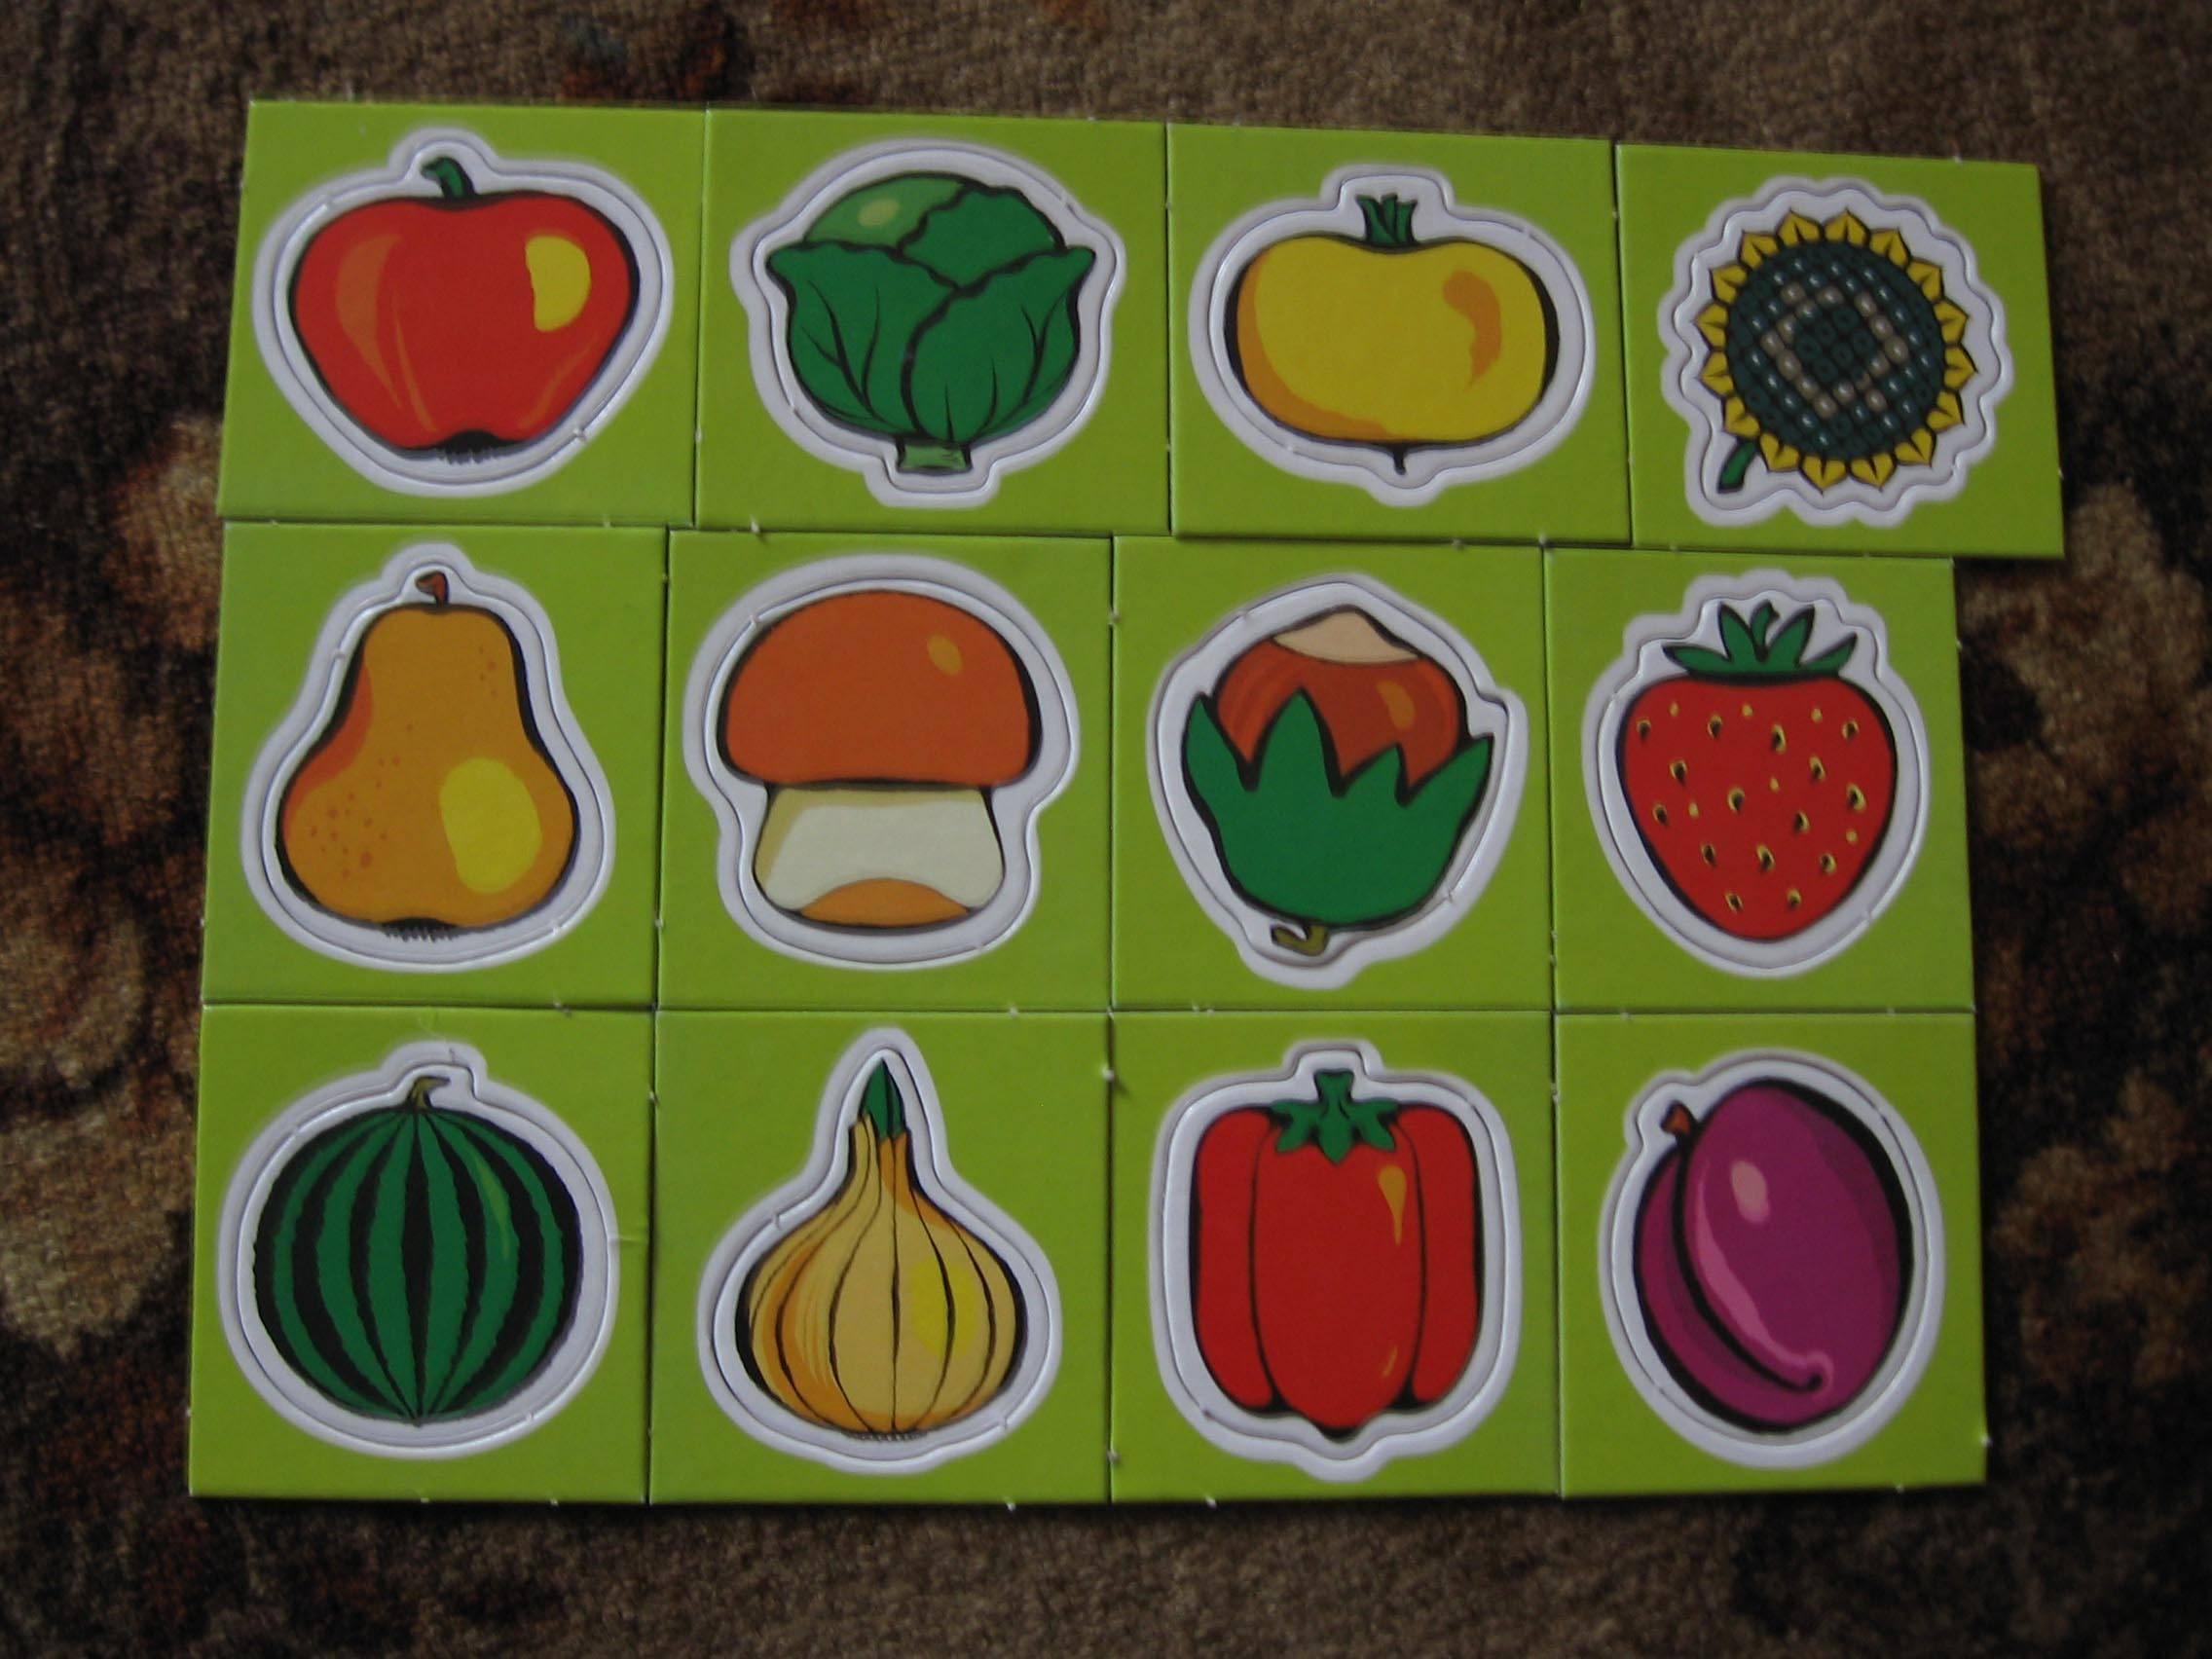 Иллюстрация 1 из 8 для Игра: Собираем урожай | Лабиринт - игрушки. Источник: Королева Мария Юрьевна